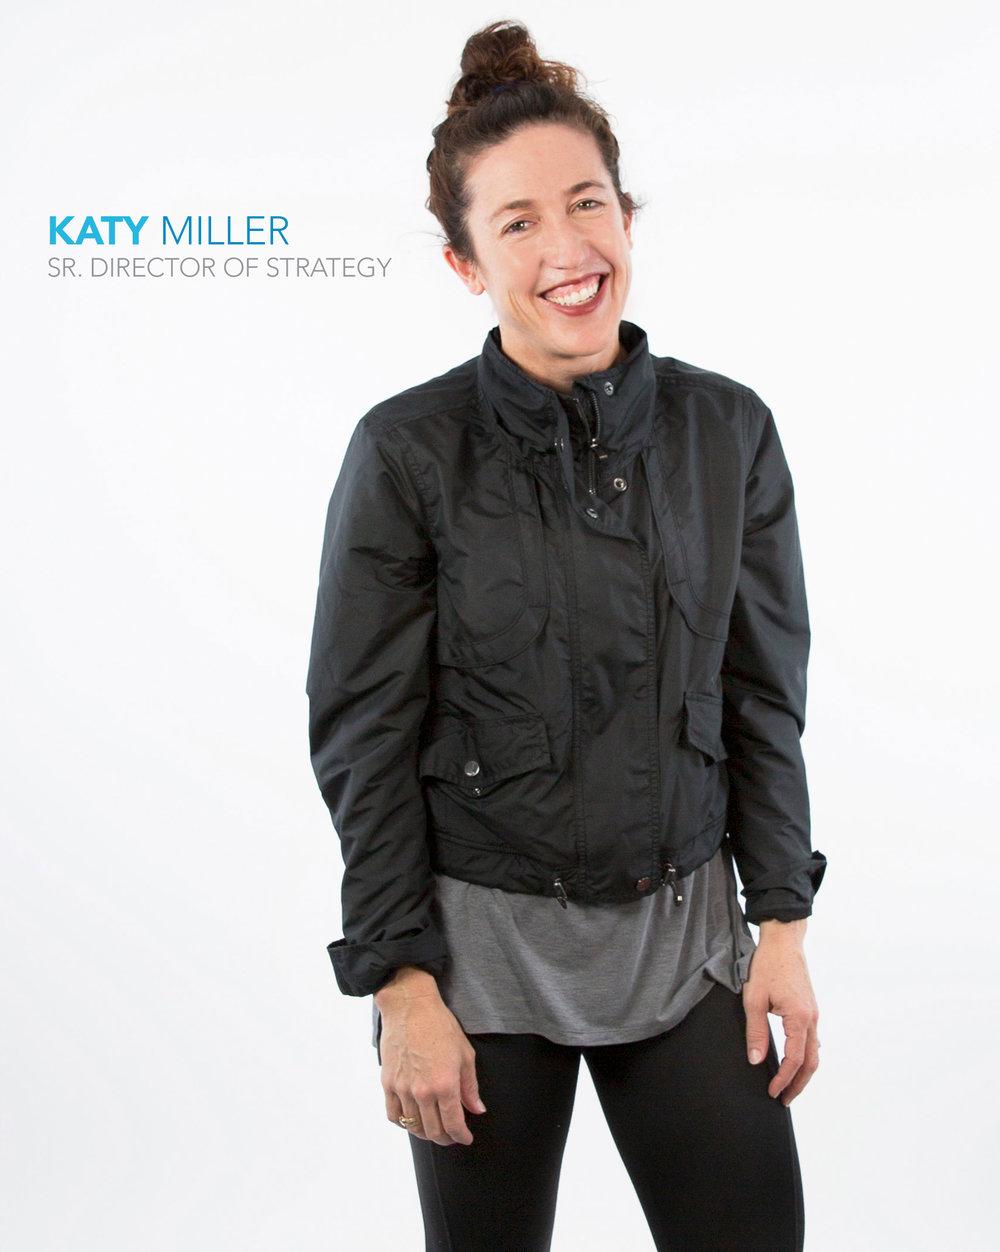 Katy Miller #WeAreGapInc